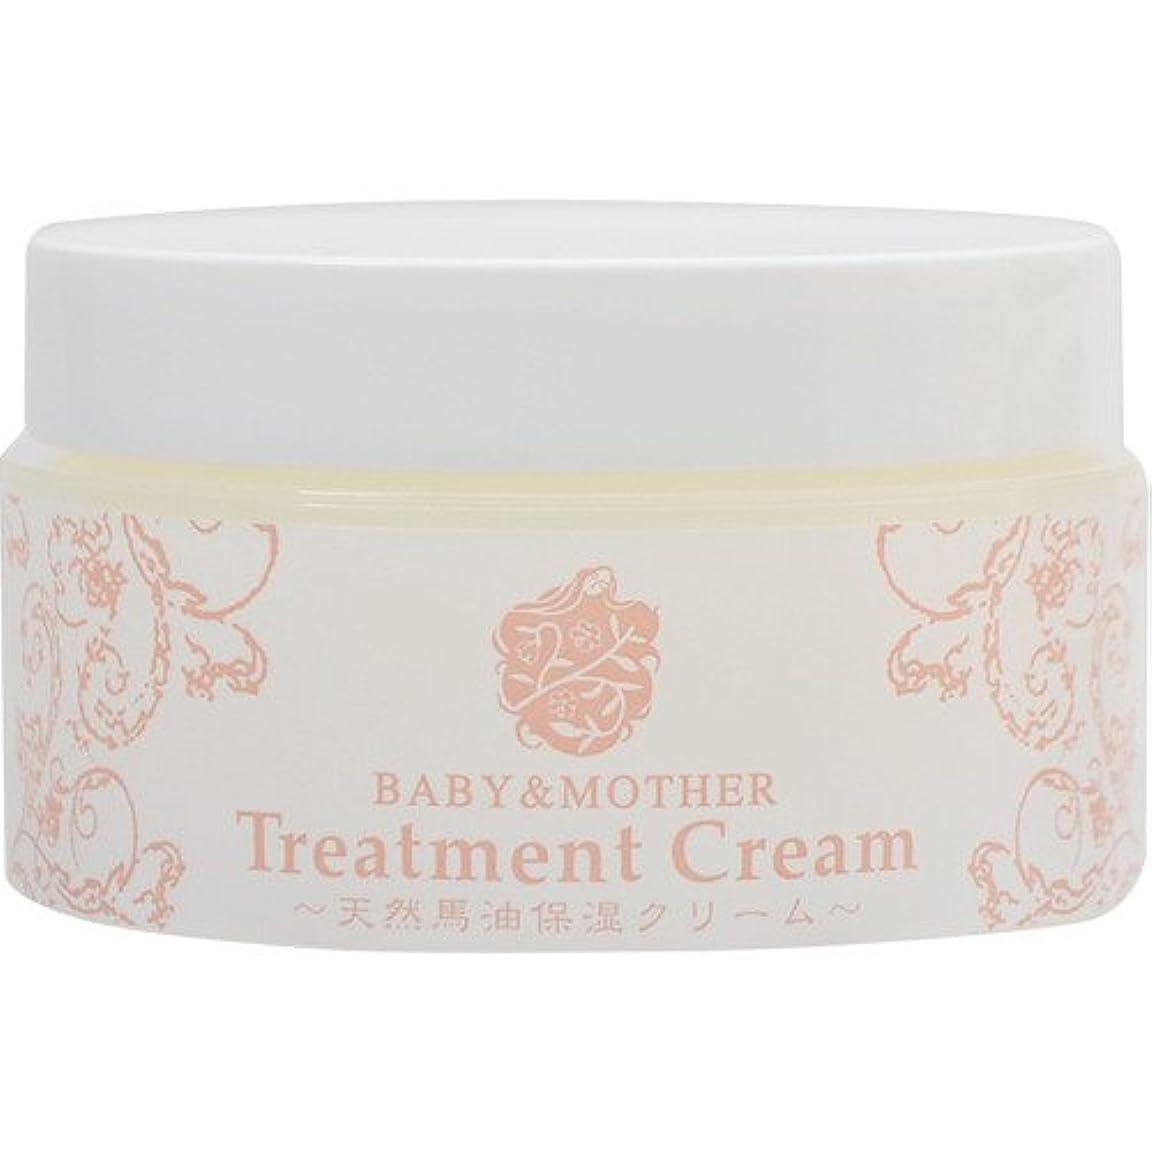 賠償サワー作詞家BABY&MOTHER Treatment Cream 天然馬油保湿クリーム 80g